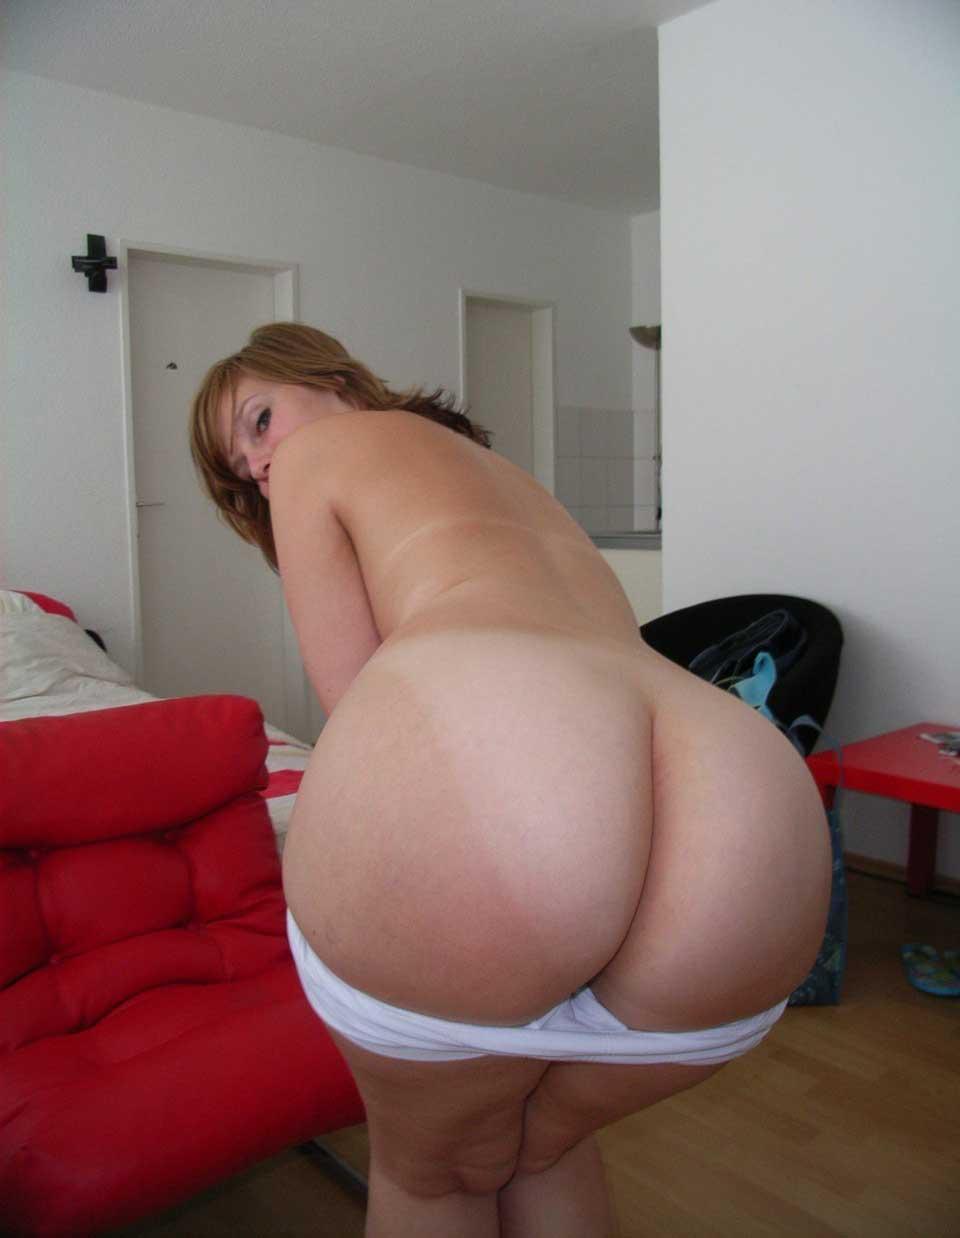 Посмотреть порно негретянки лучшо попки мйра 12 фотография